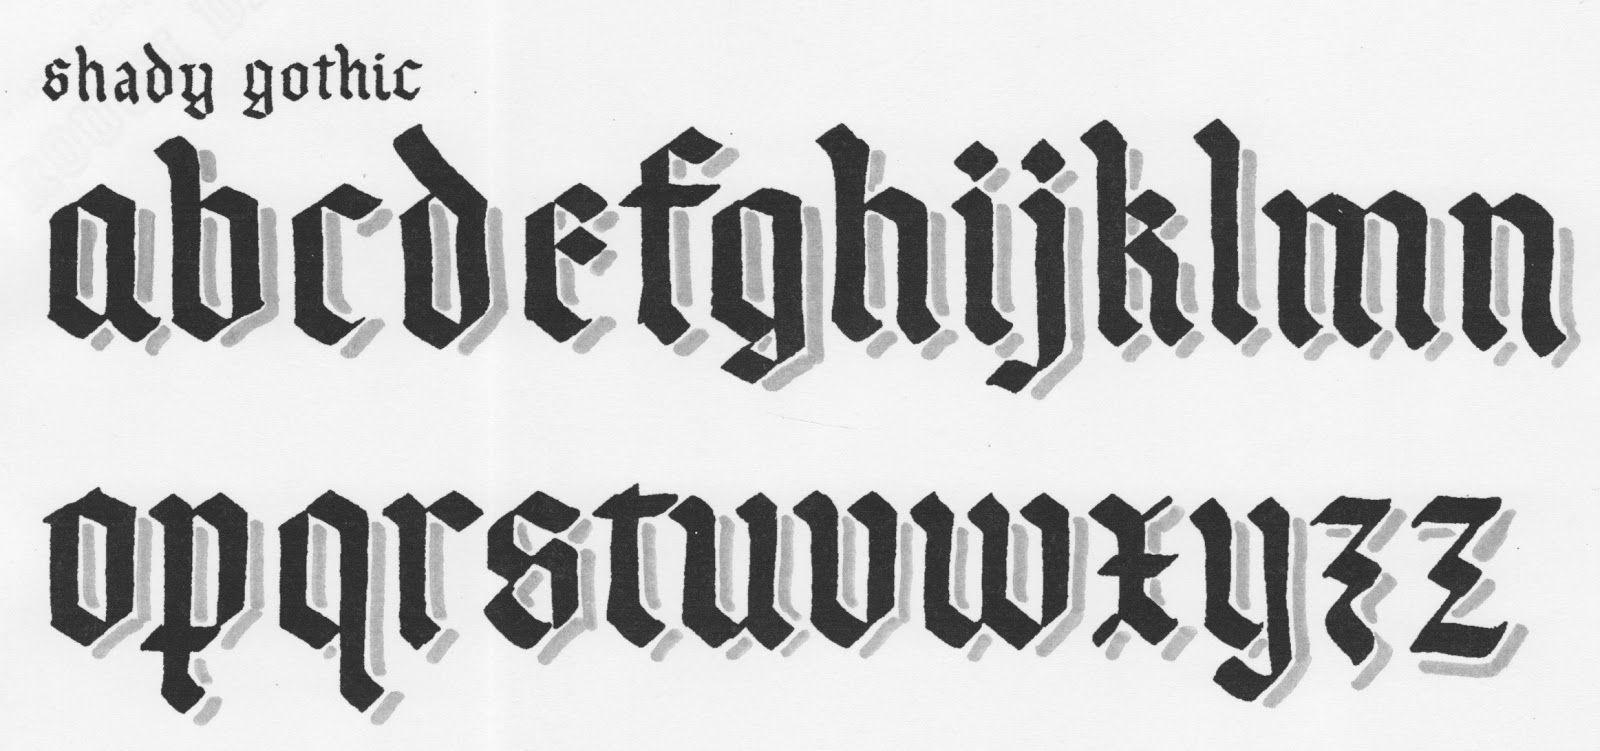 Fonts Typography Goth Letterpresses Shady Gothic